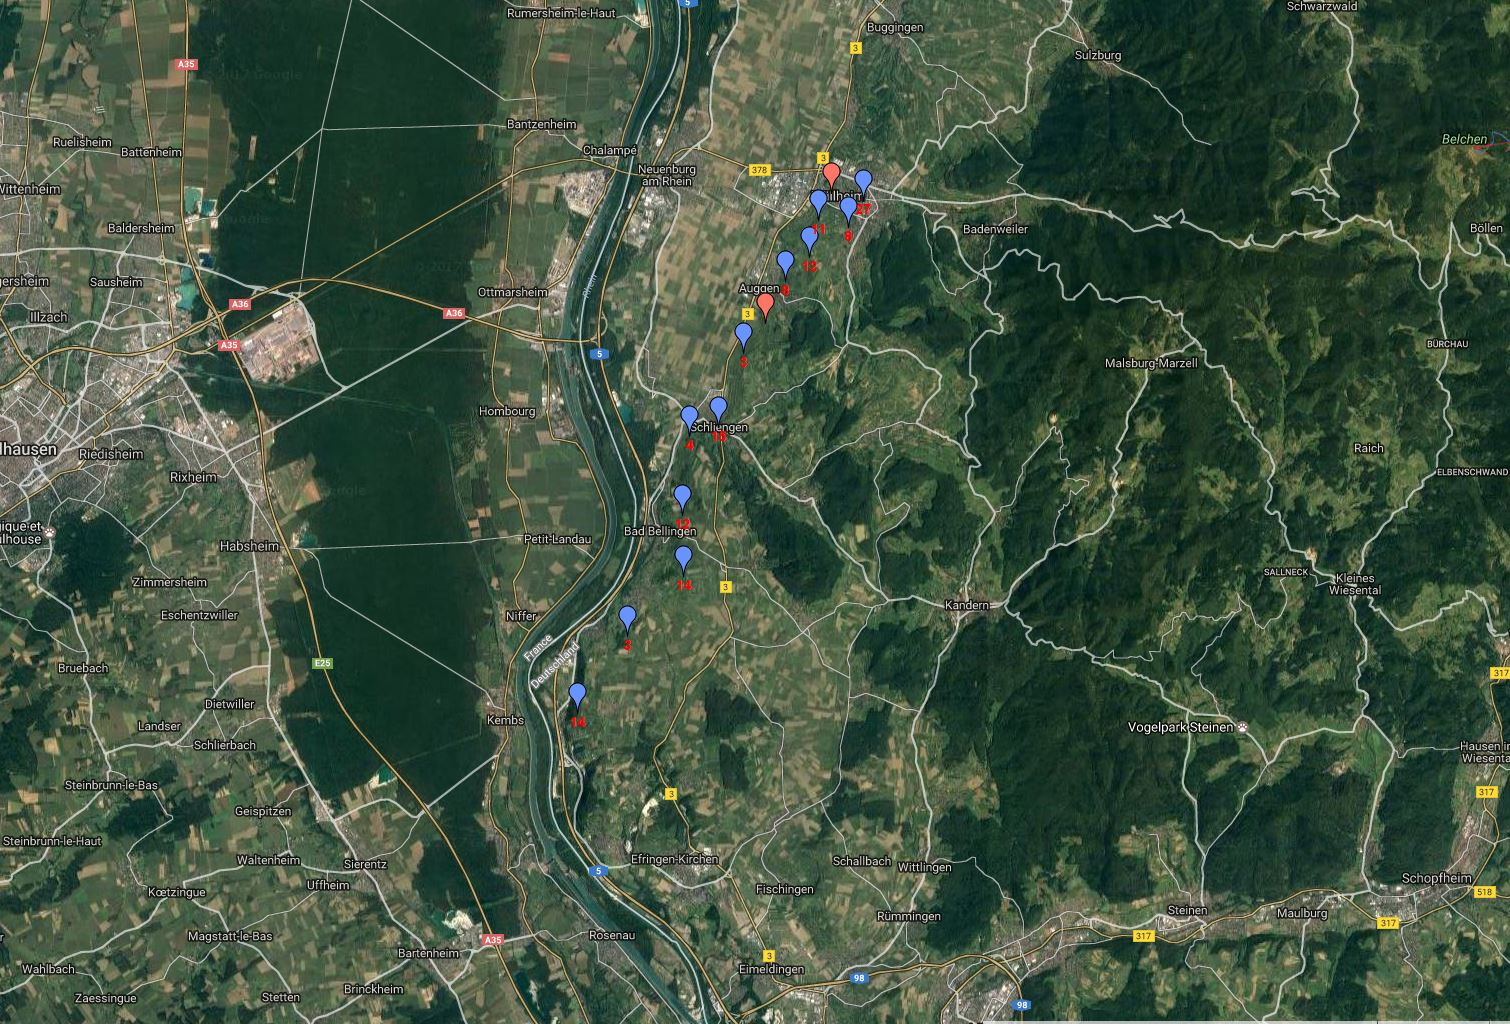 170527000_BK2_Tagestour Schliengen Bad Bellingen Rheinweiler Auggen, Kleinkembs